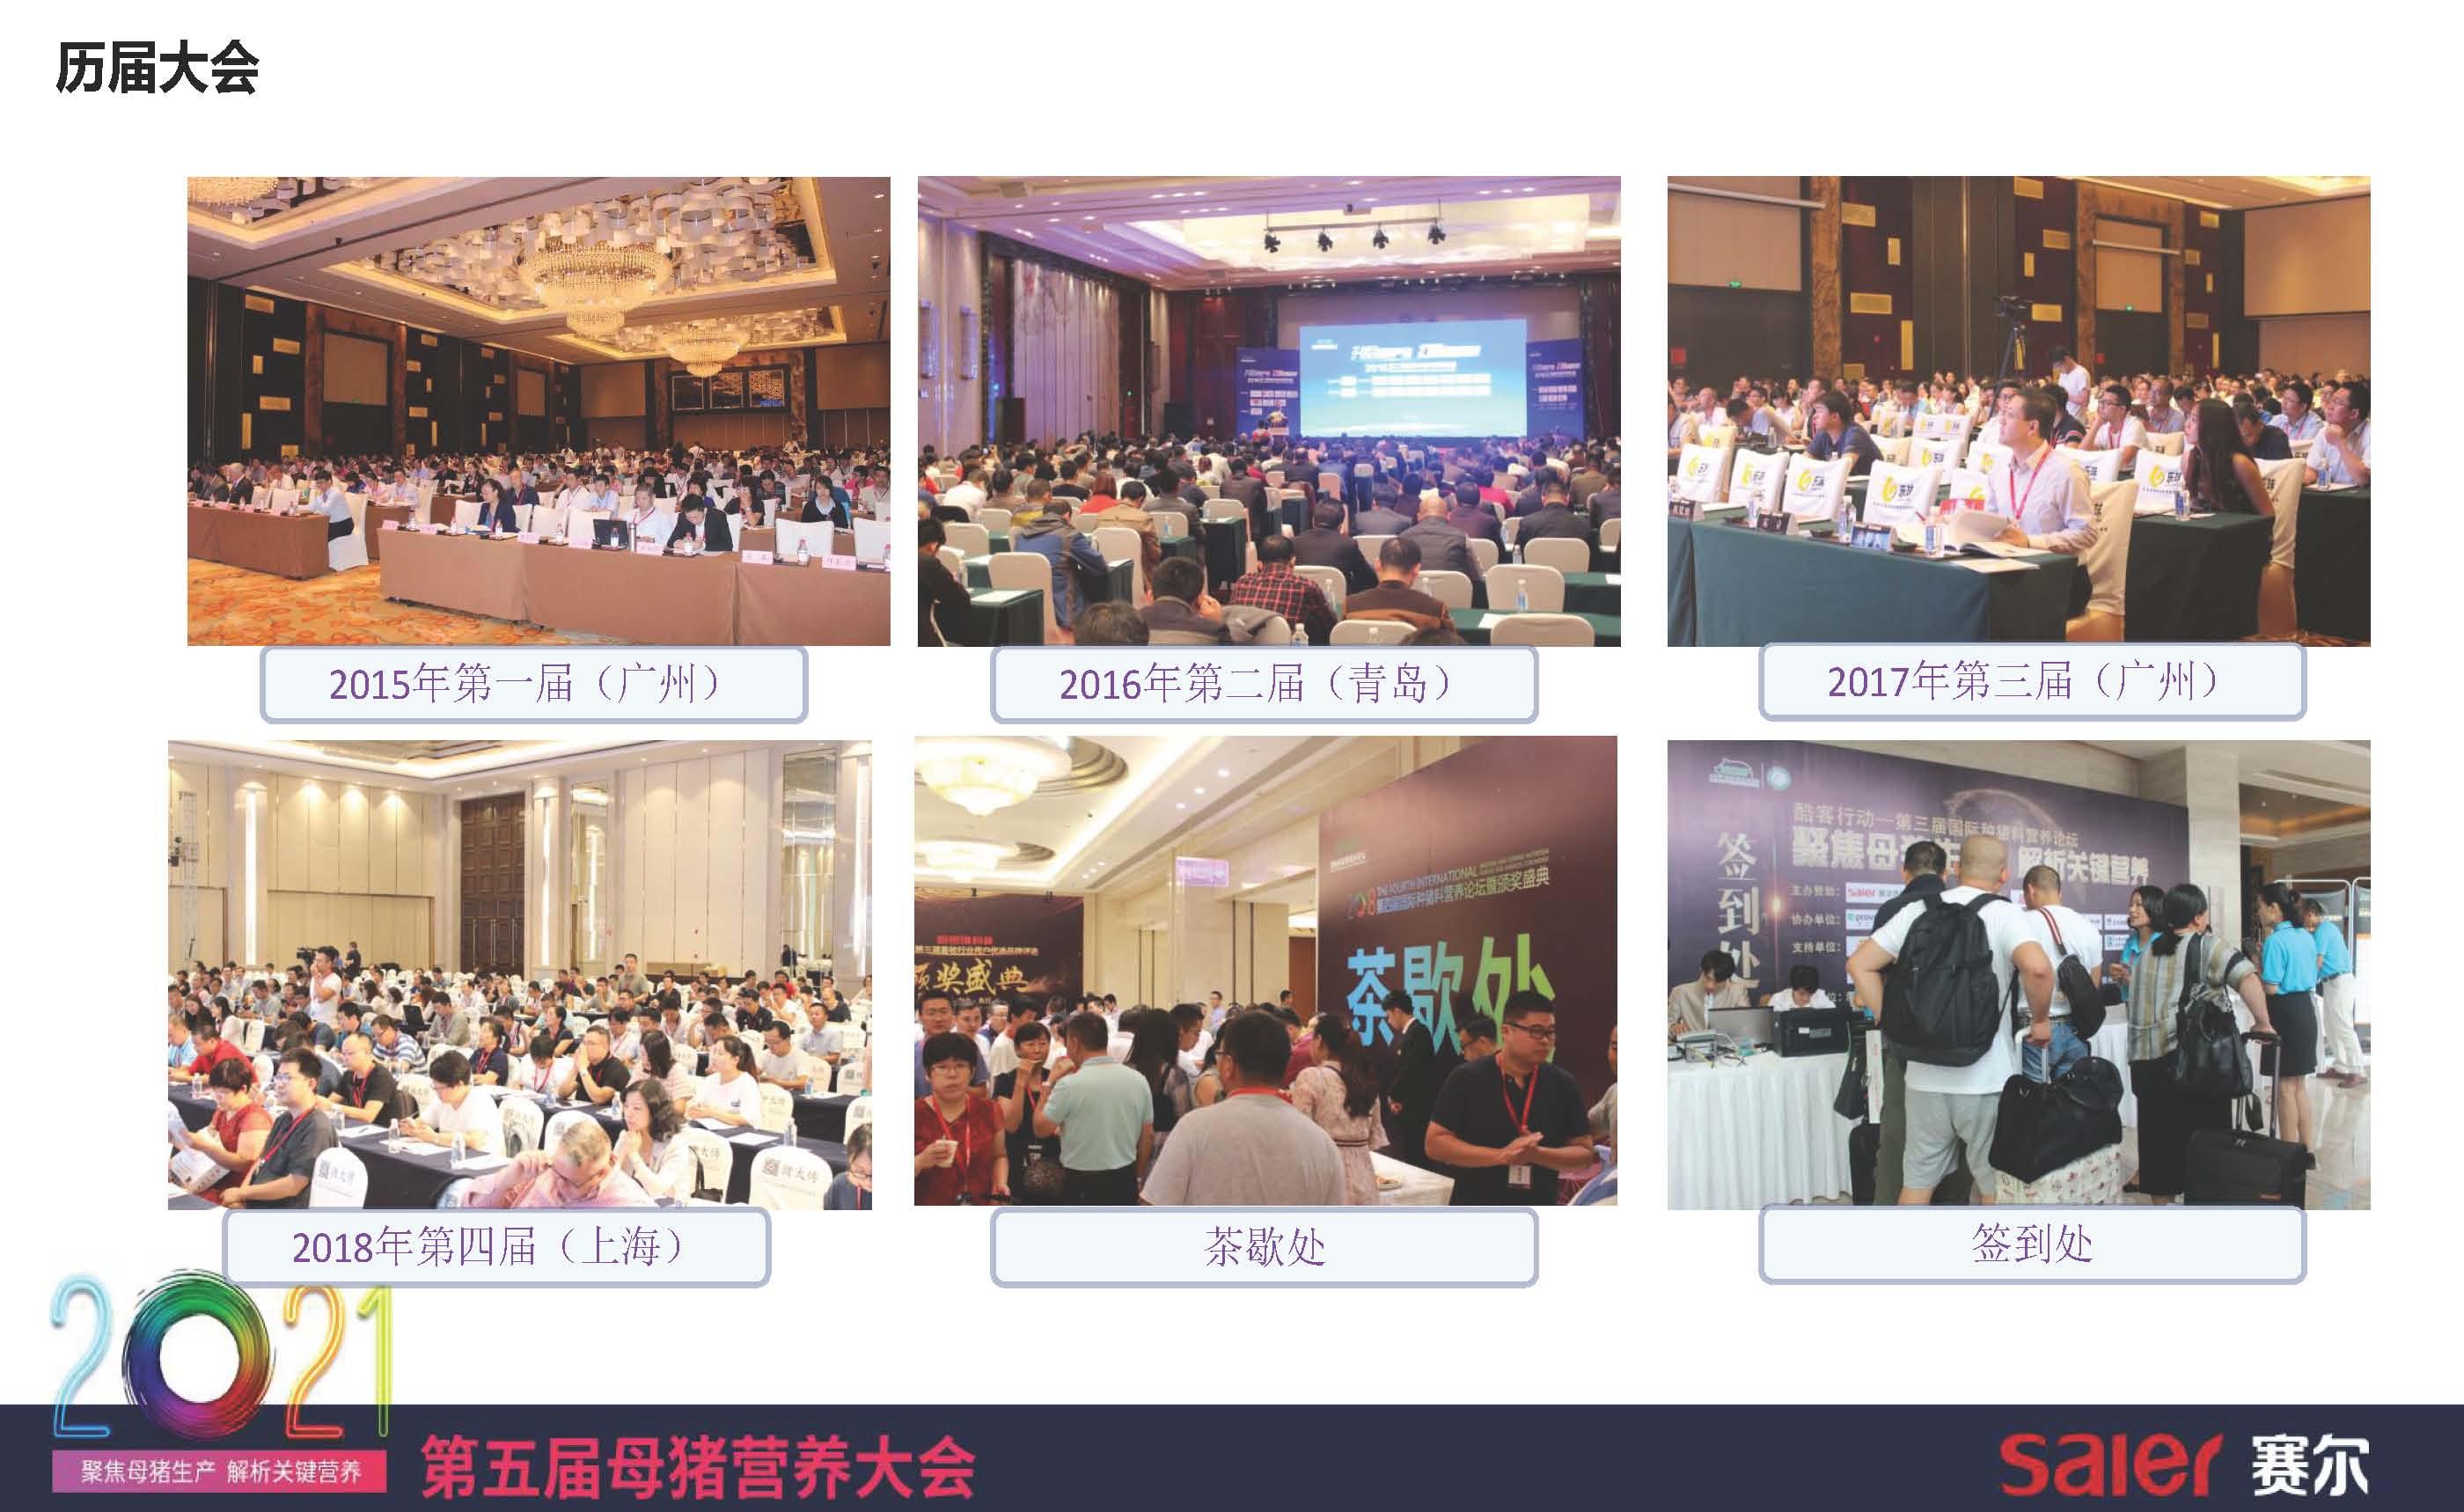 2021年第五届母猪营养论坛邀请函_页面_07.jpg